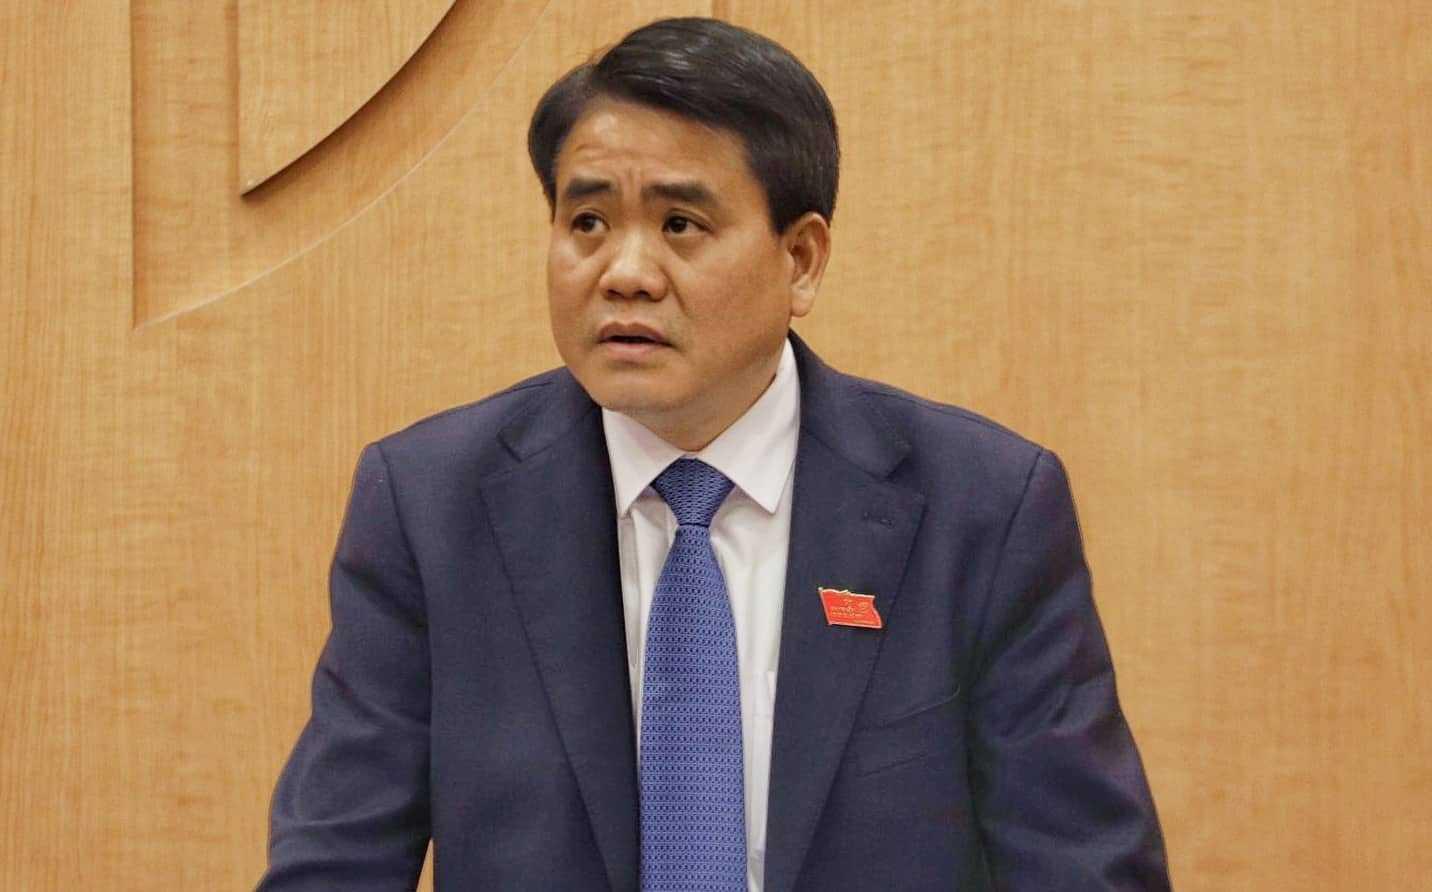 Đã xác định được 217 hành khách cùng chuyến bay của Vietnam Airlines cùng với ca nhiễm COVID-19 thứ 17 - Ảnh 1.